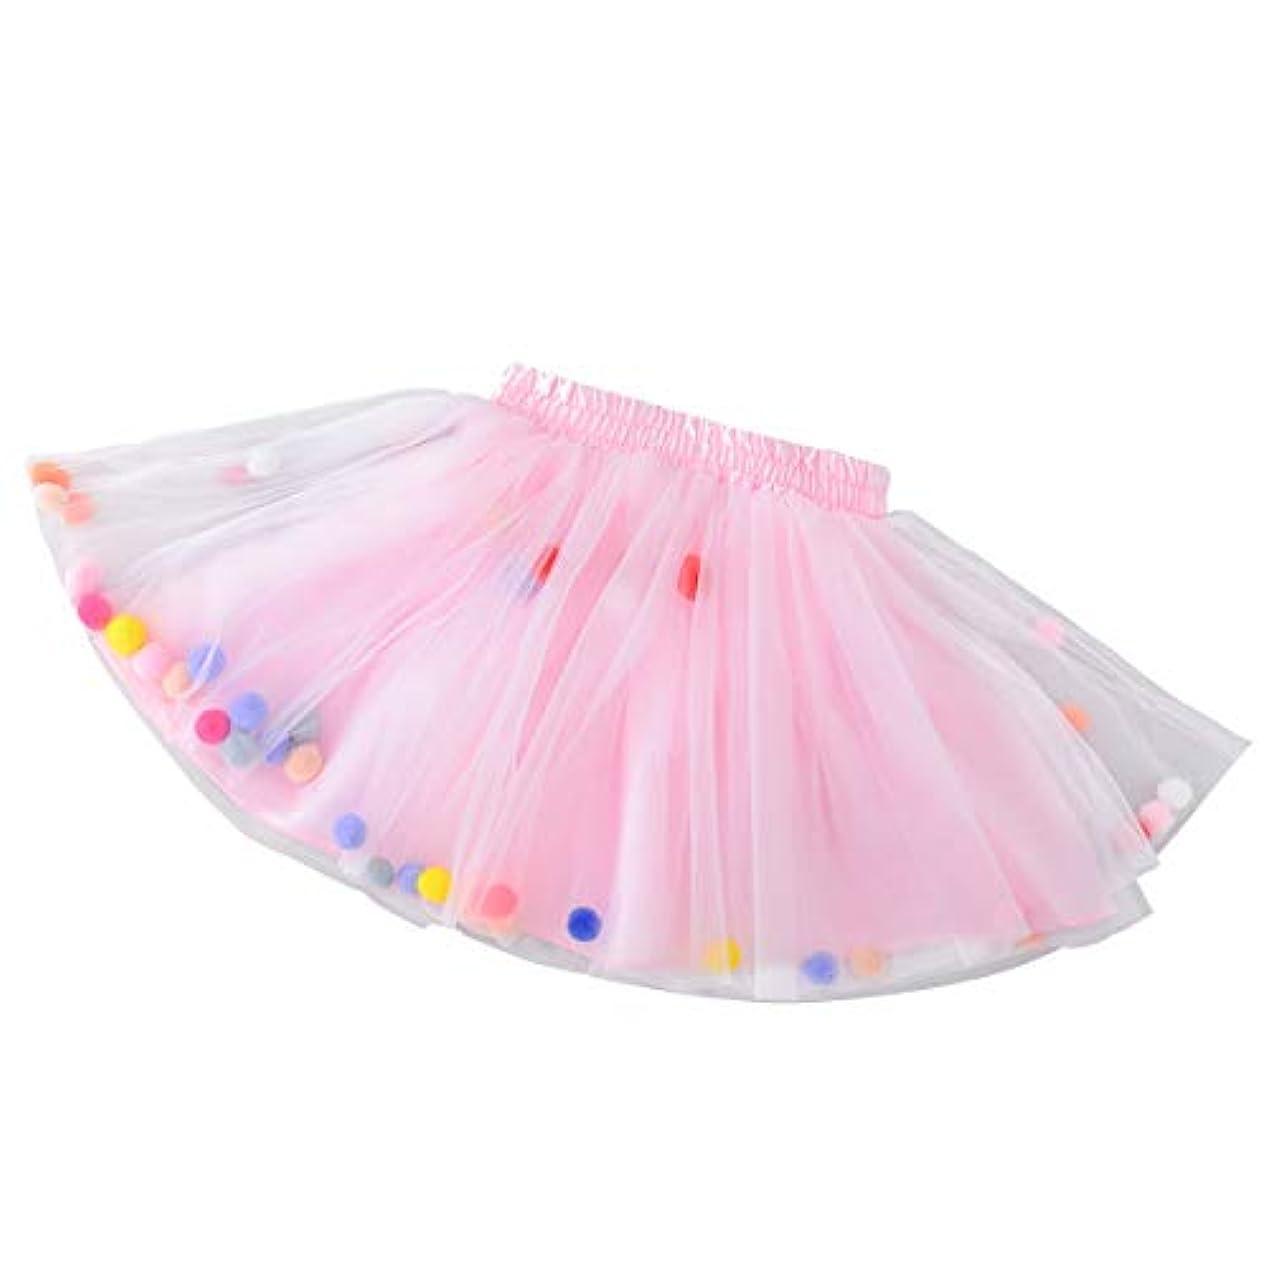 センブランスジェームズダイソンレシピYeahiBaby 子供チュチュスカートラブリーピンクミディスカートカラフルなファジーボールガーゼスカートプリンセスドレス衣装用女の子(サイズxl)